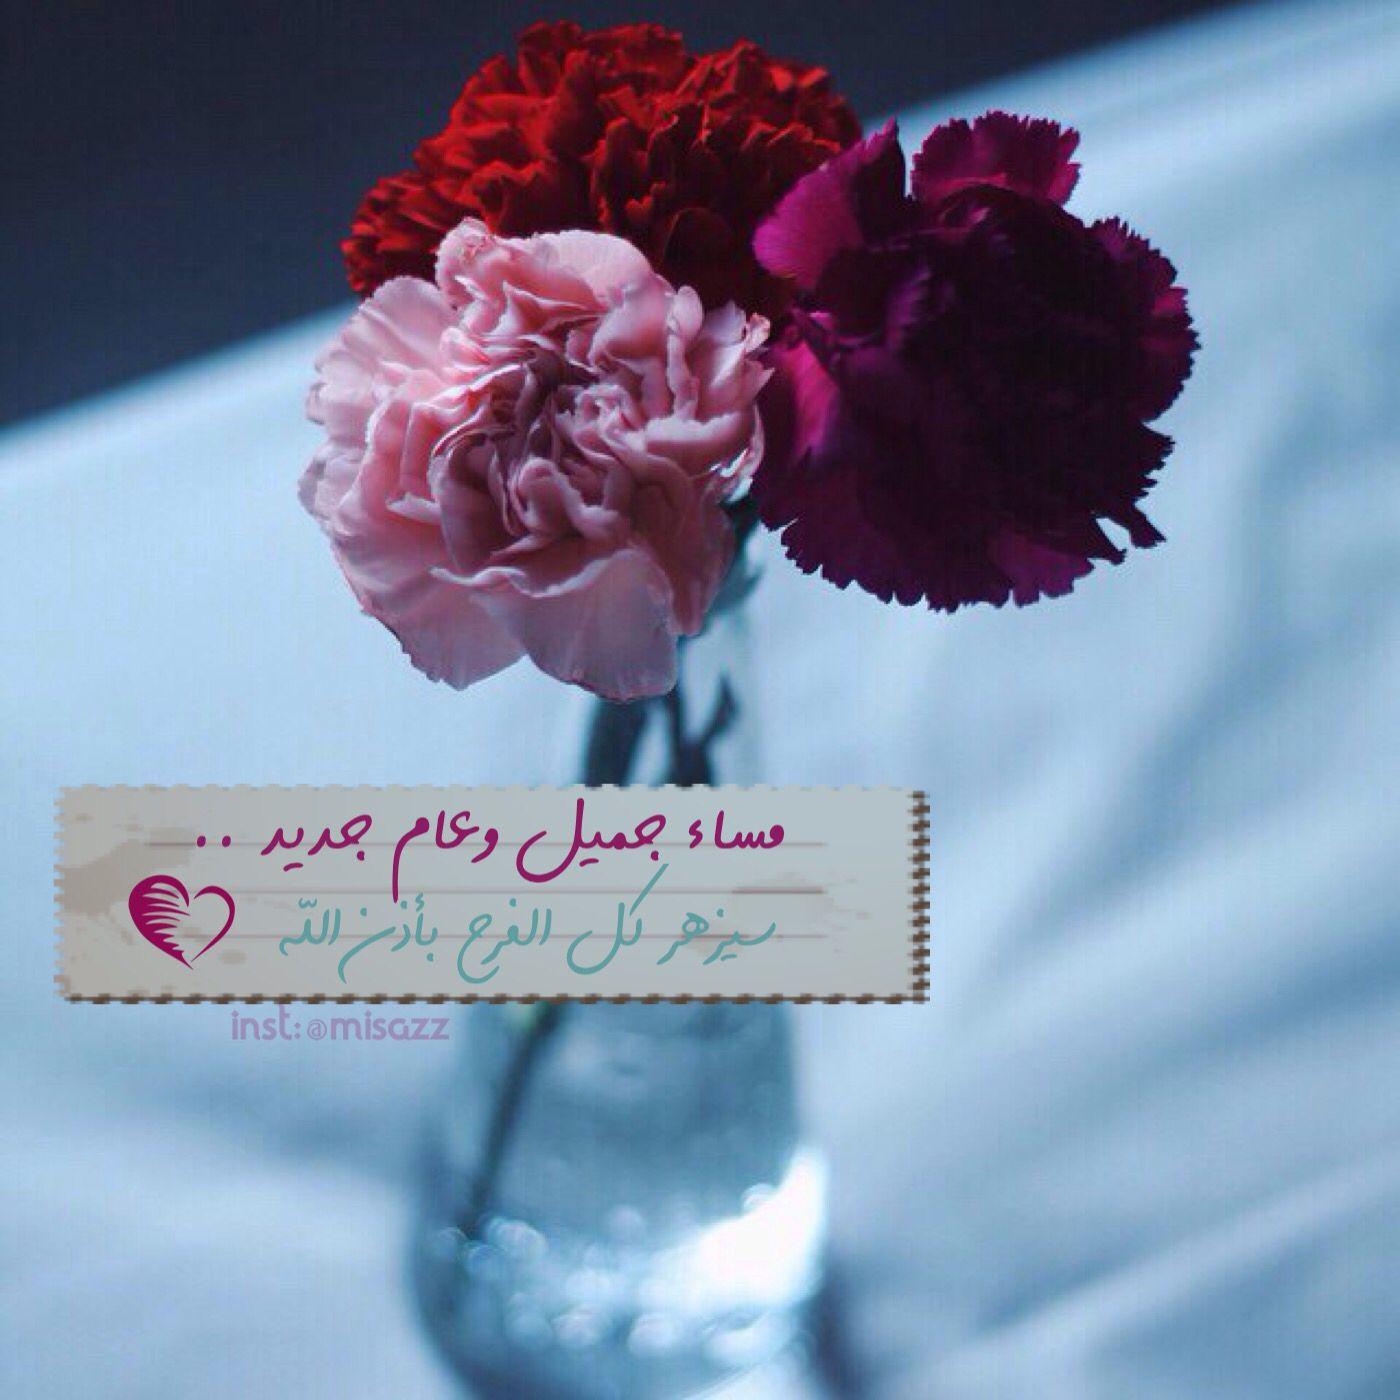 مساء جميل وعام جديد سيزهر كل الفرح بأذن الله سنة جديدة عام جديد Flowers Glass Vase Rose